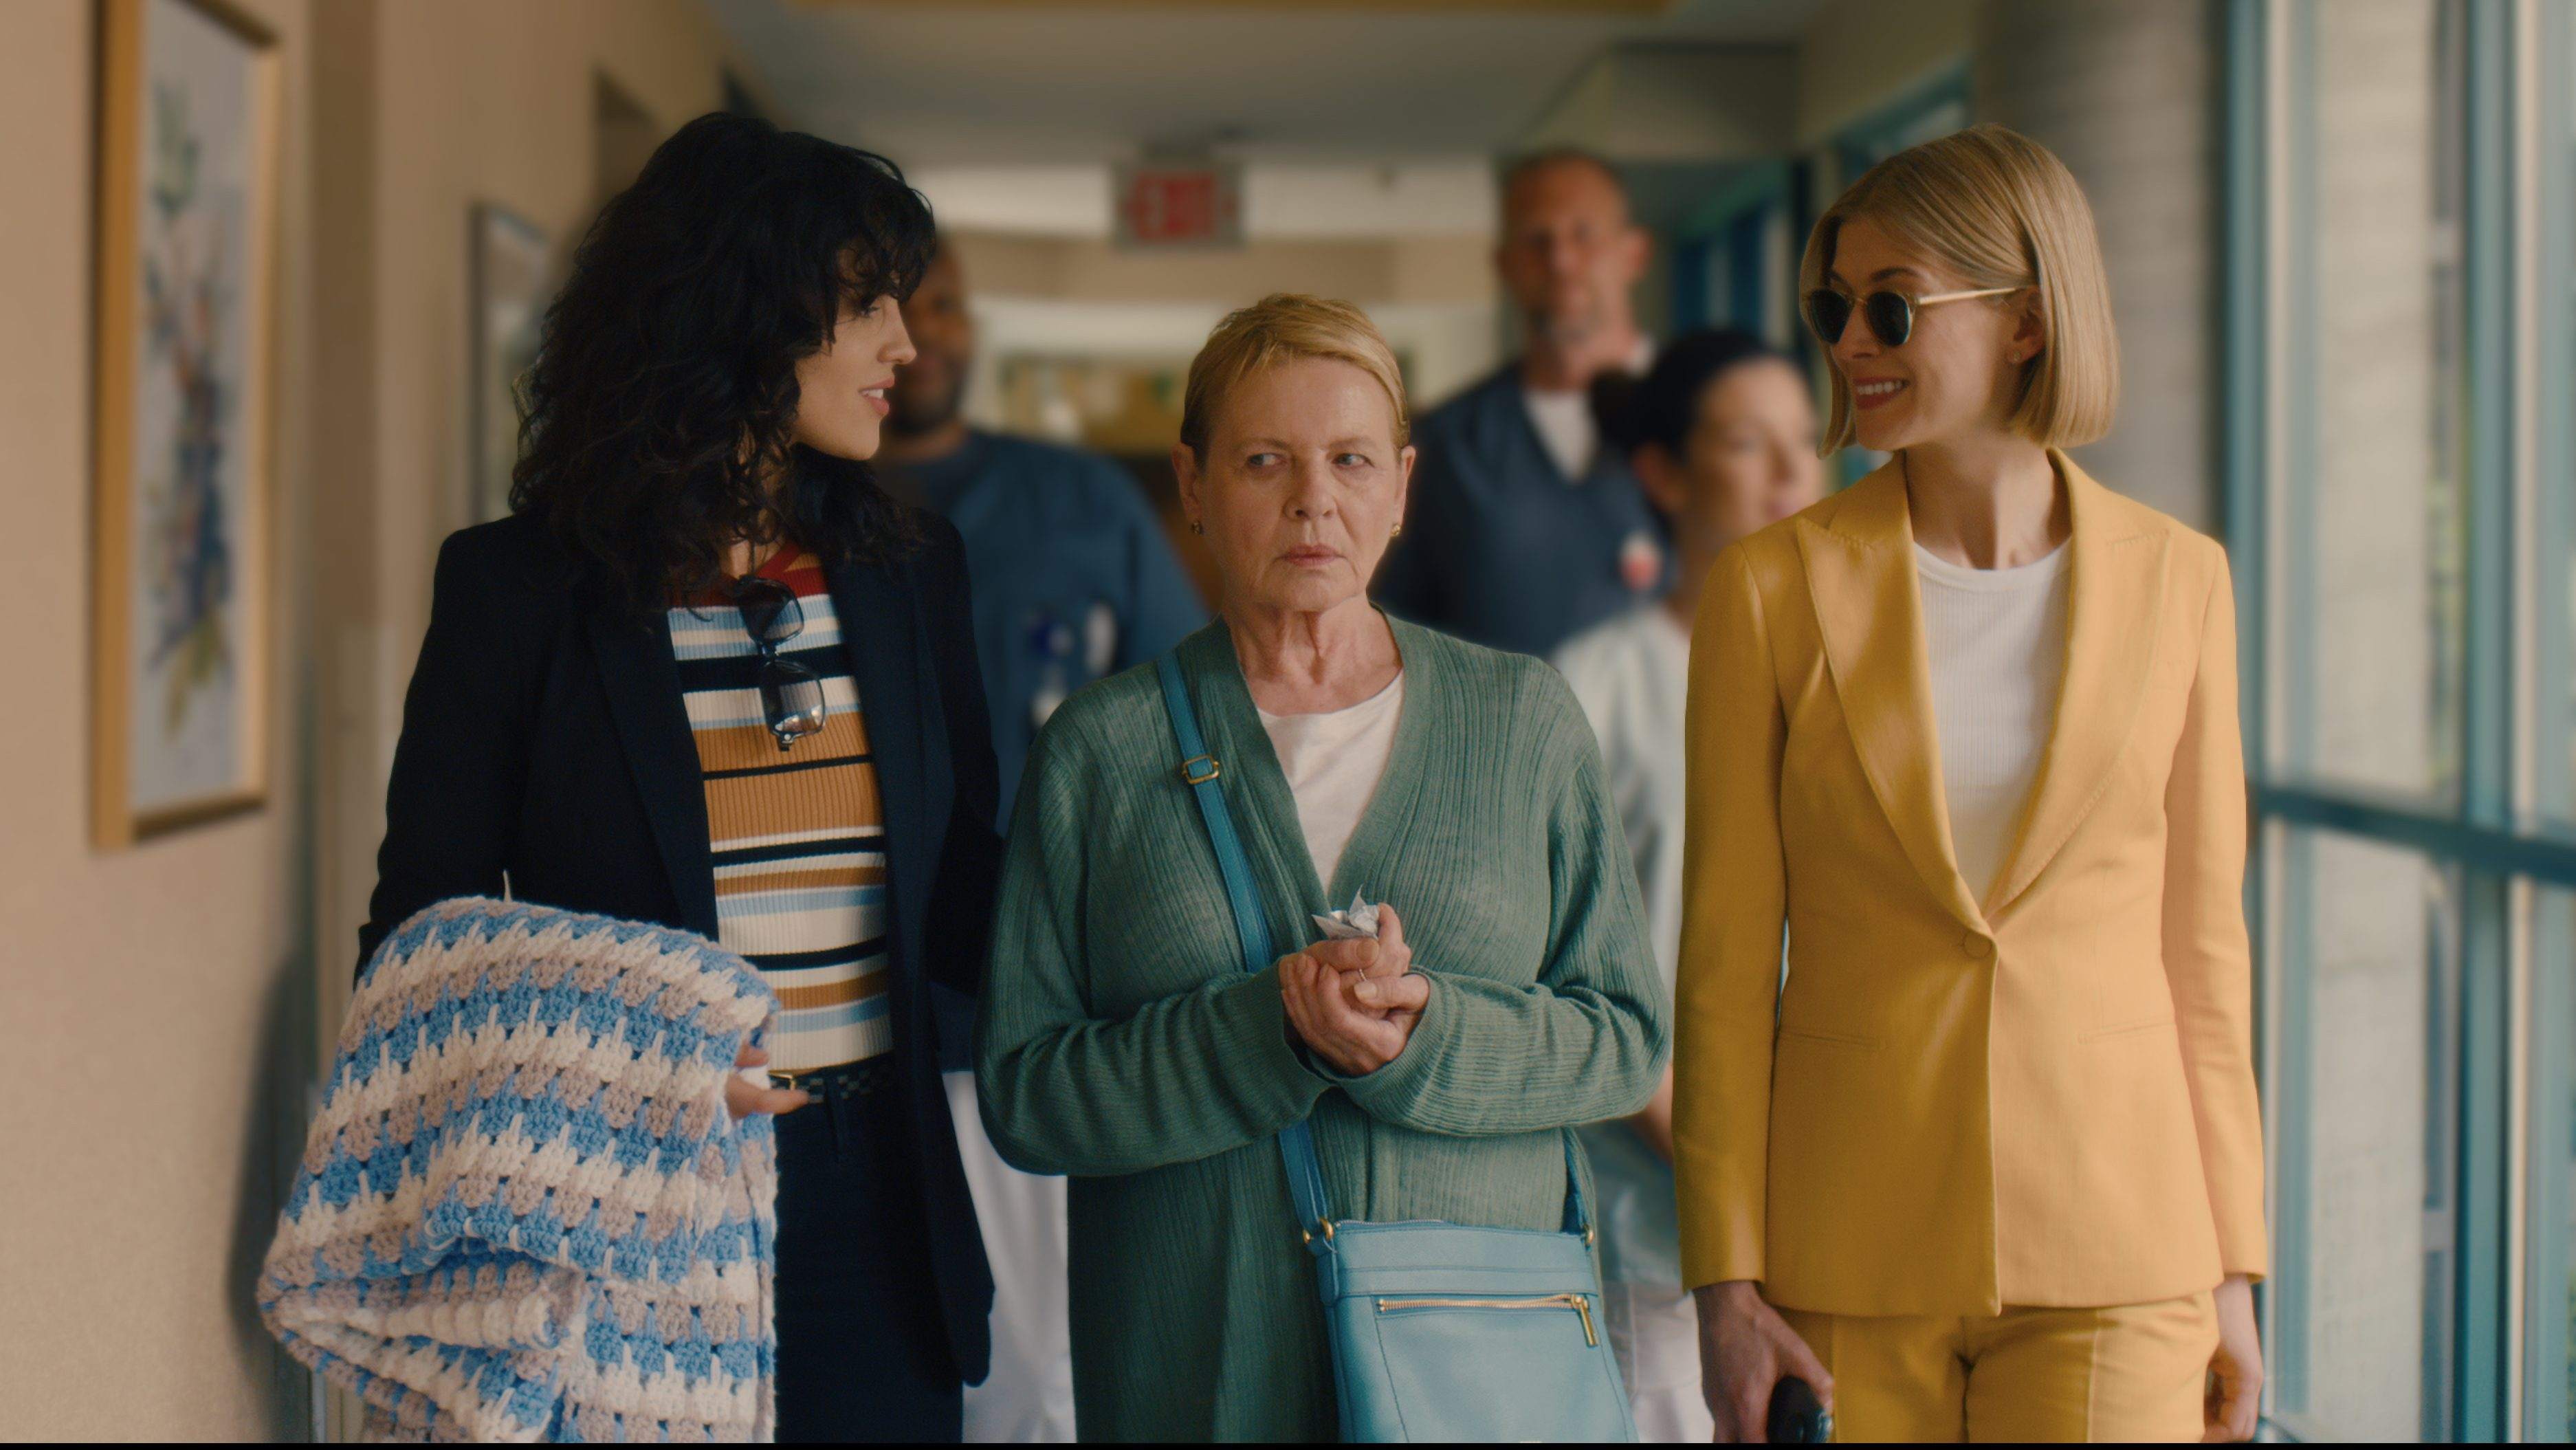 Rosamund Pike Equates Resonance Of Netflix's 'I Care A Lot' To 'Gone Girl' – Golden Globes Backstage